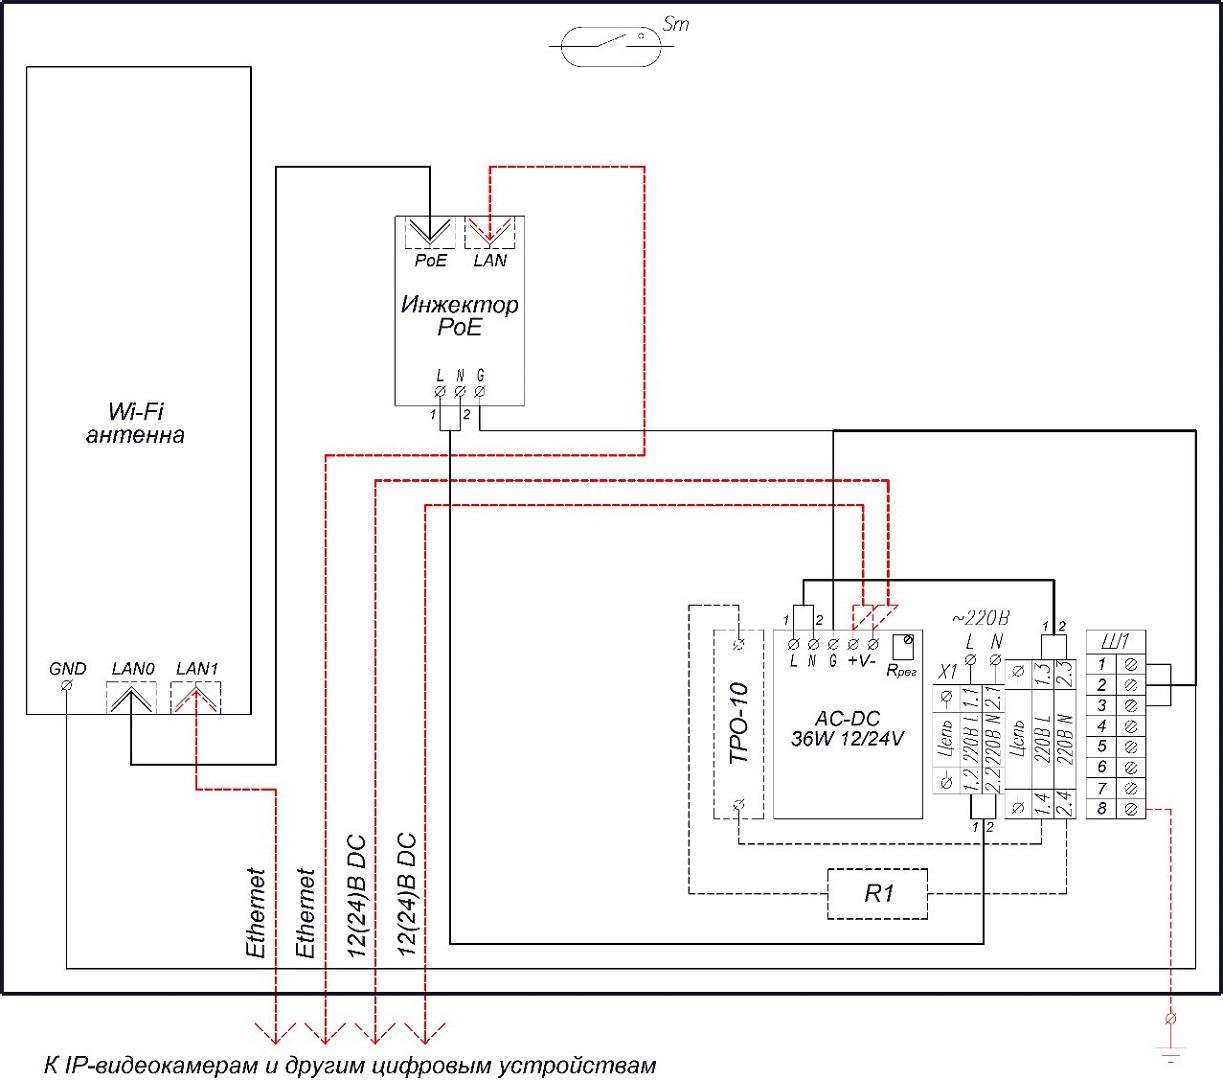 Схема электрическая принципиальная ВУС-1-12(24) (ВУС-1-12(24) исп.1)